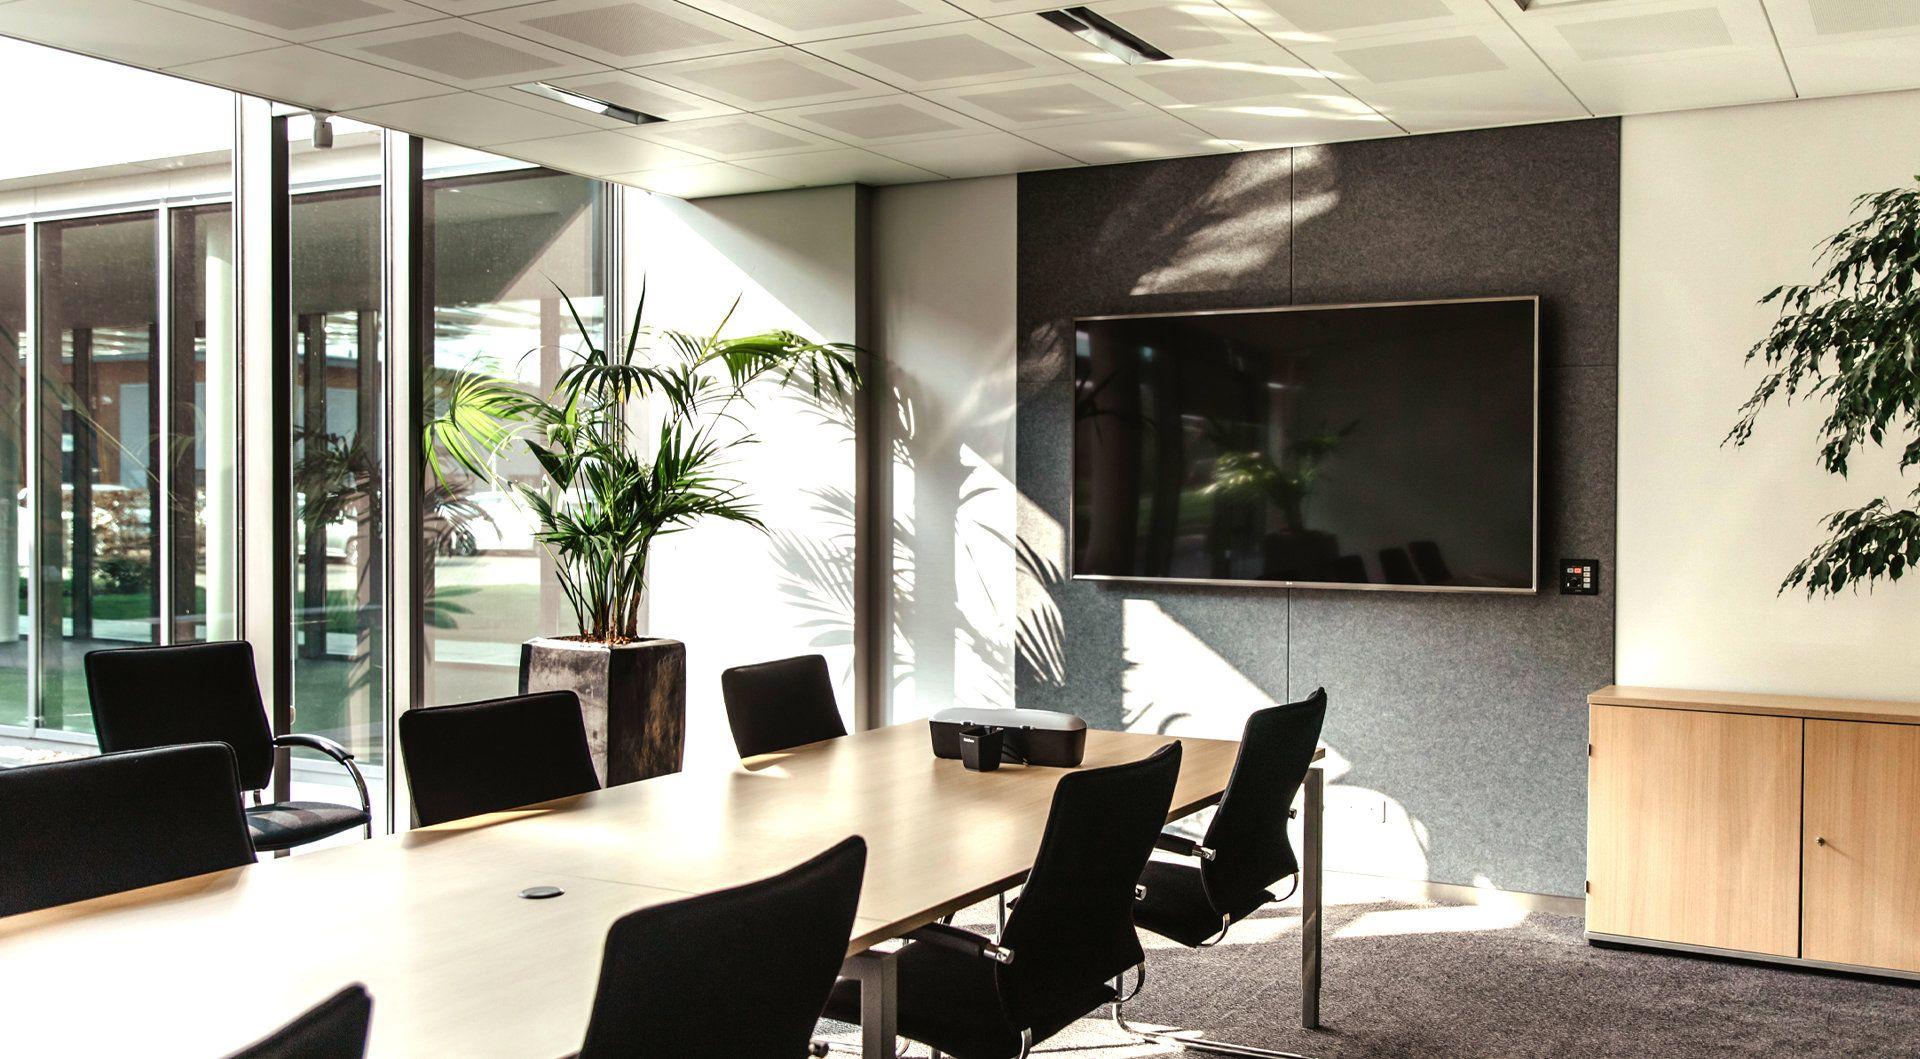 """Projecta HomeScreen 116x176 projectiescherm 188 cm (74"""") 16:10 - Case studie de vries"""